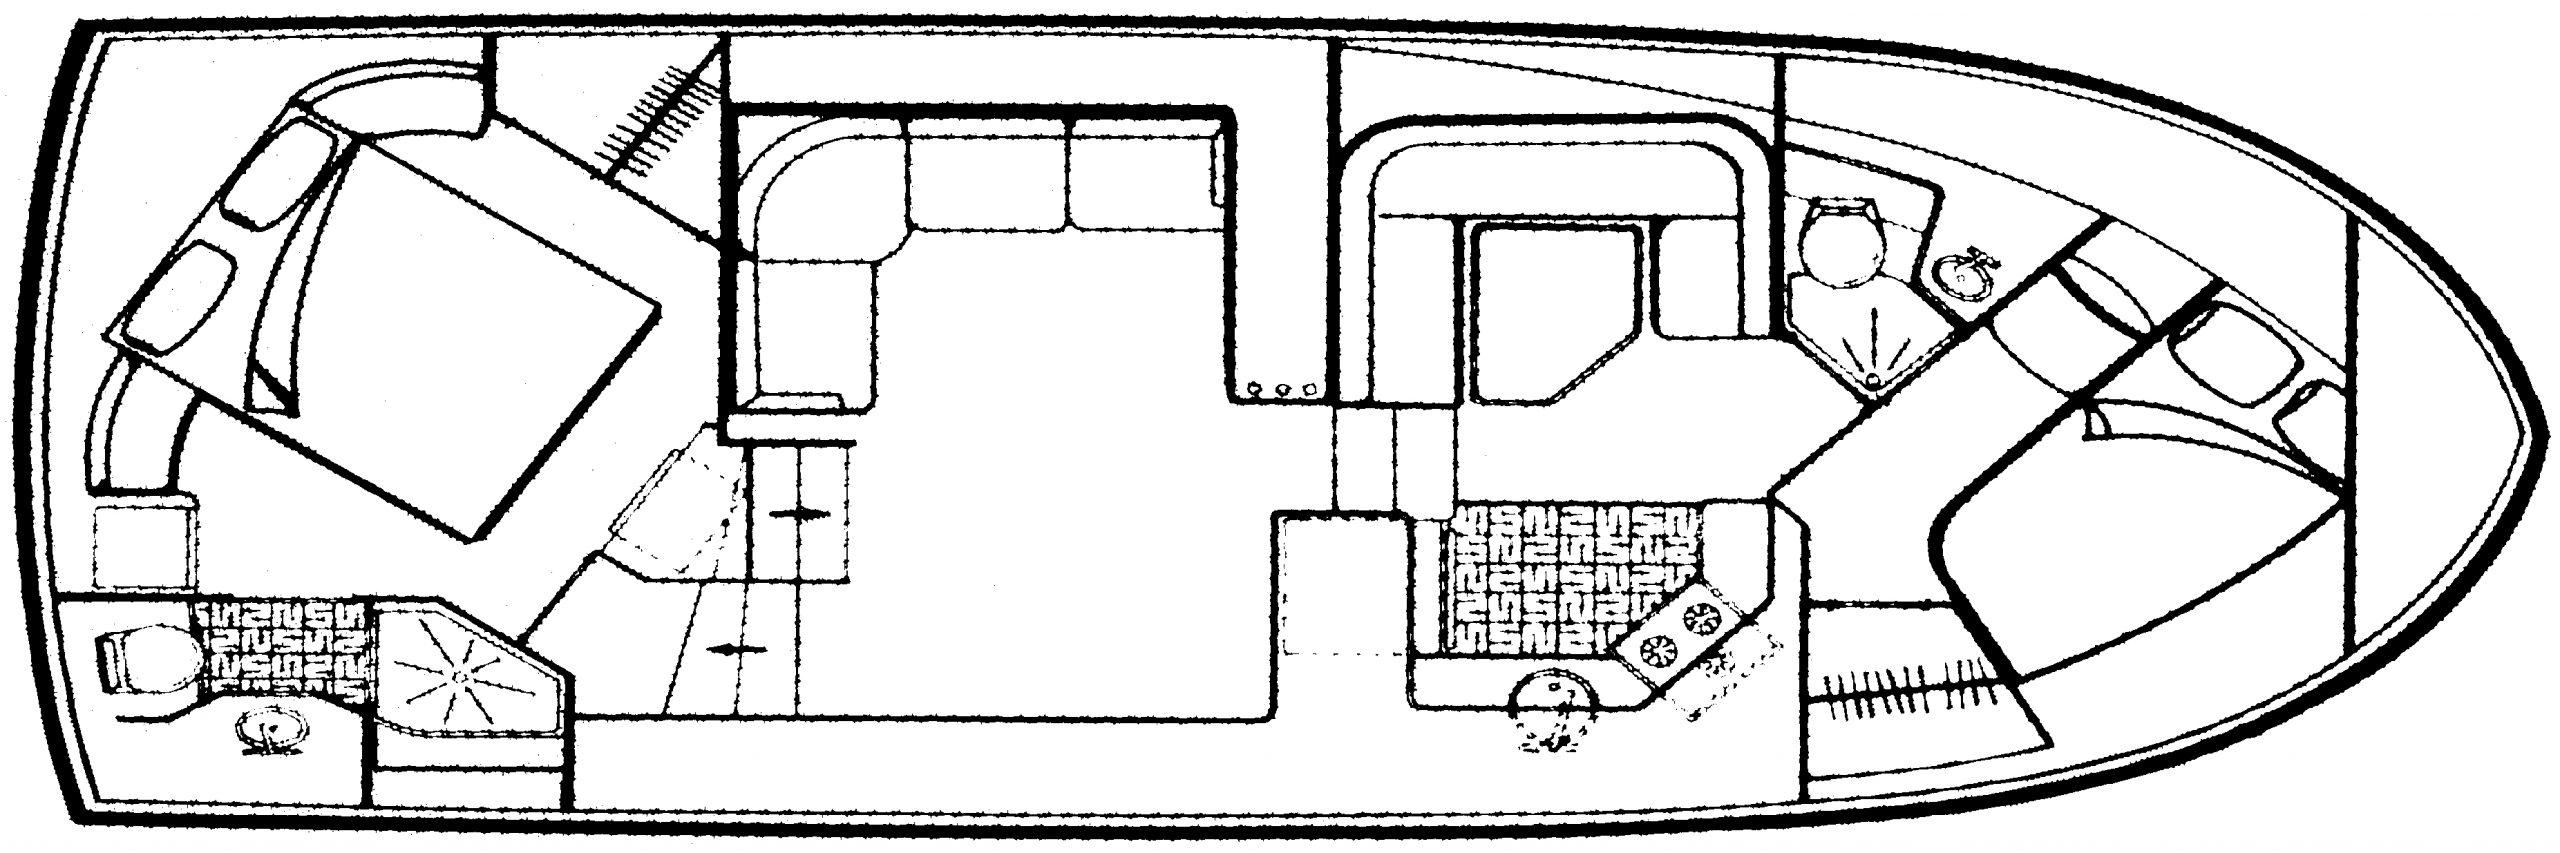 Carver 36 Aft Cabin; 370 Aft Cabin Floor Plan 2